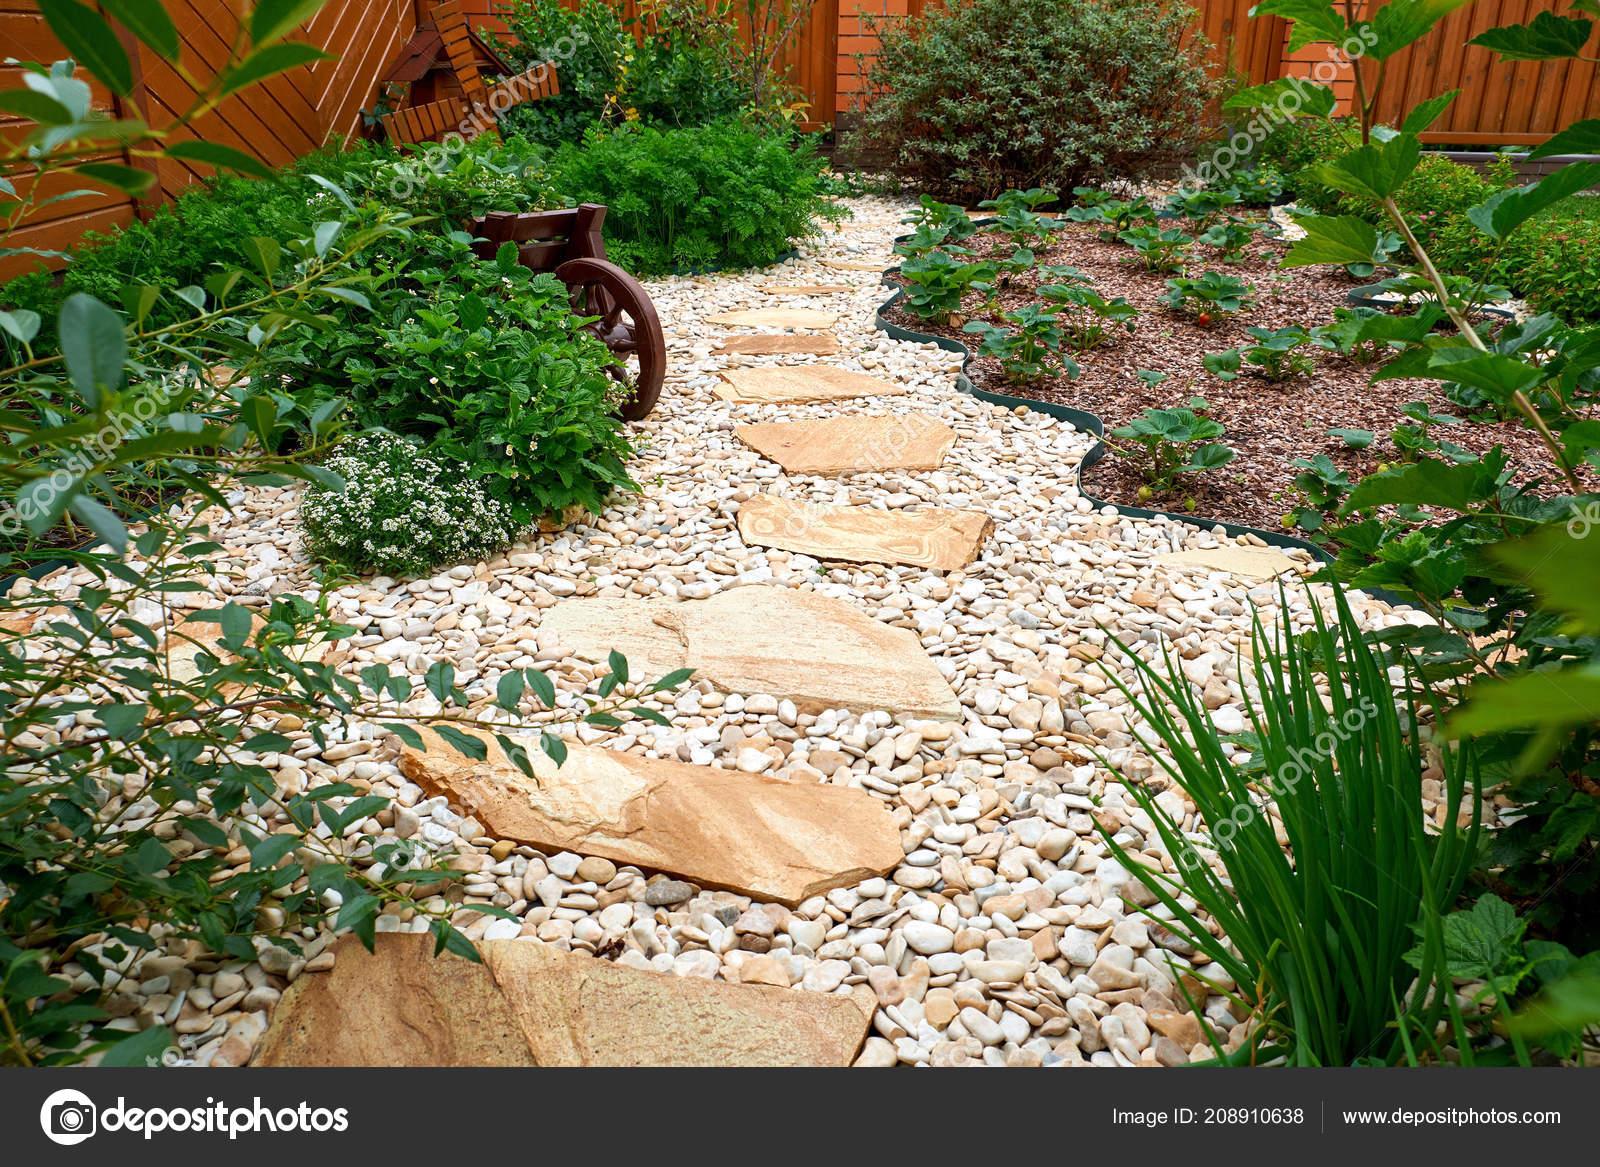 Garden Design. Pathway In Garden, Flowers With Bricks Pathways. The Care Of  Garden